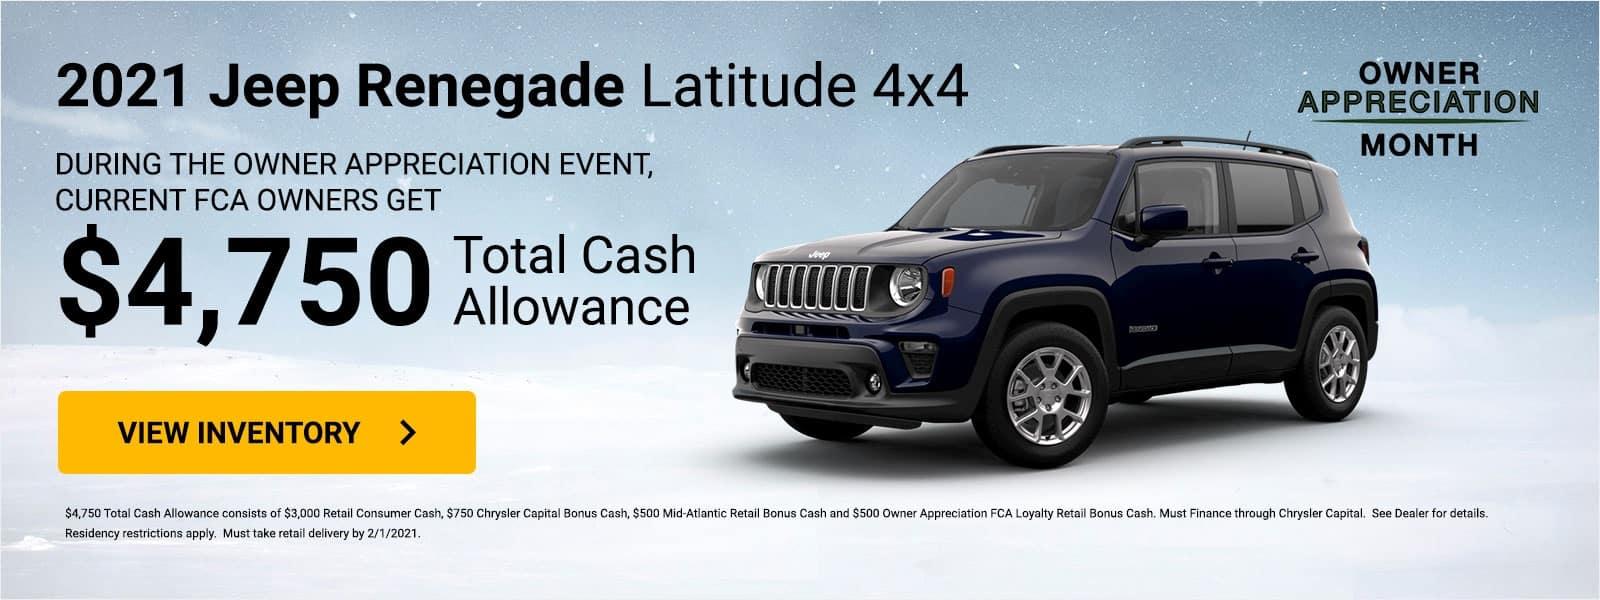 Owner Appreciation Jeep Renegade